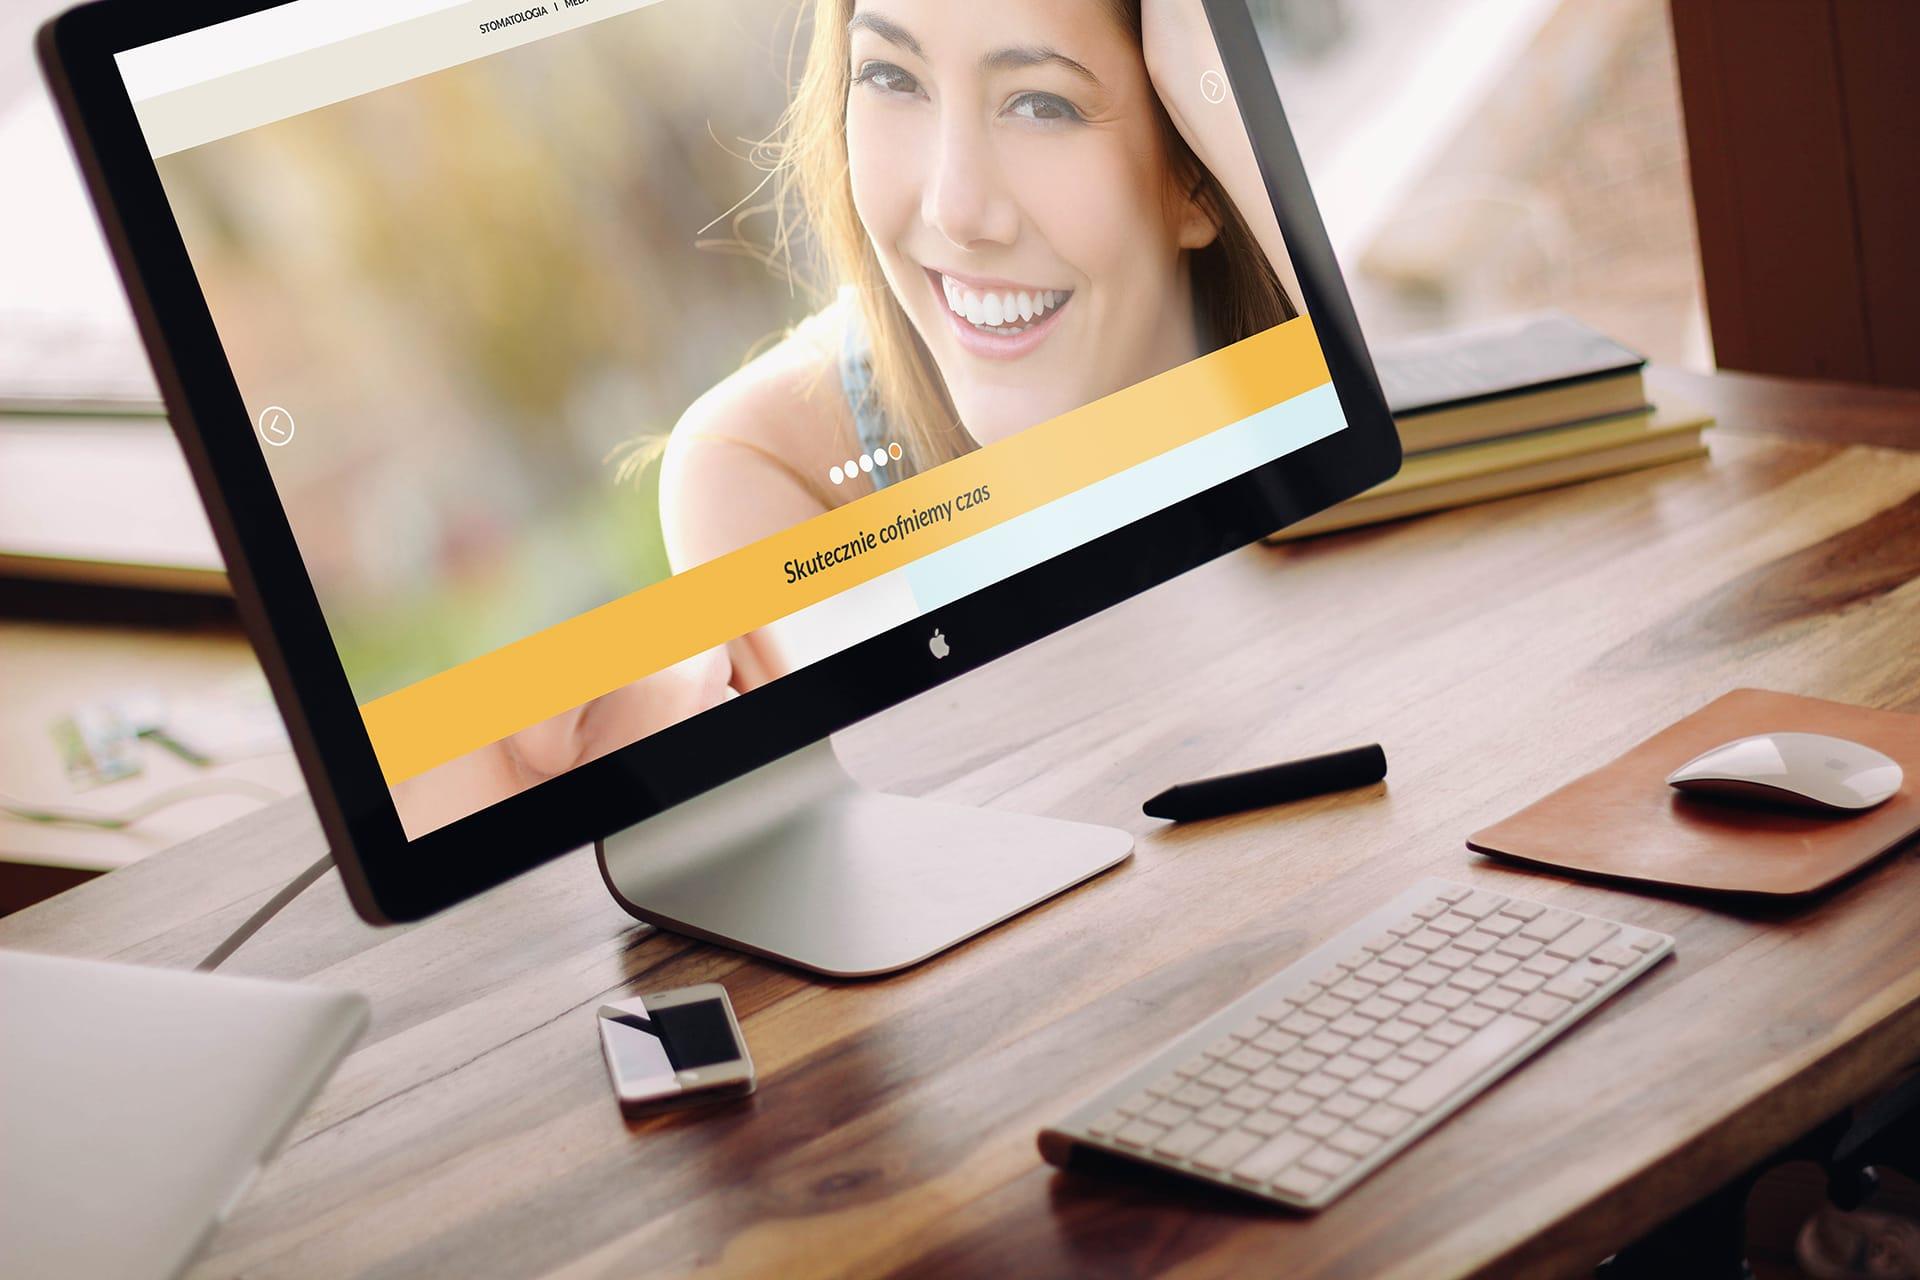 Krakowiak-Wziątek zestaw brandingowy, logo firmowe, reklamy zewnętrzne, strona internetowa